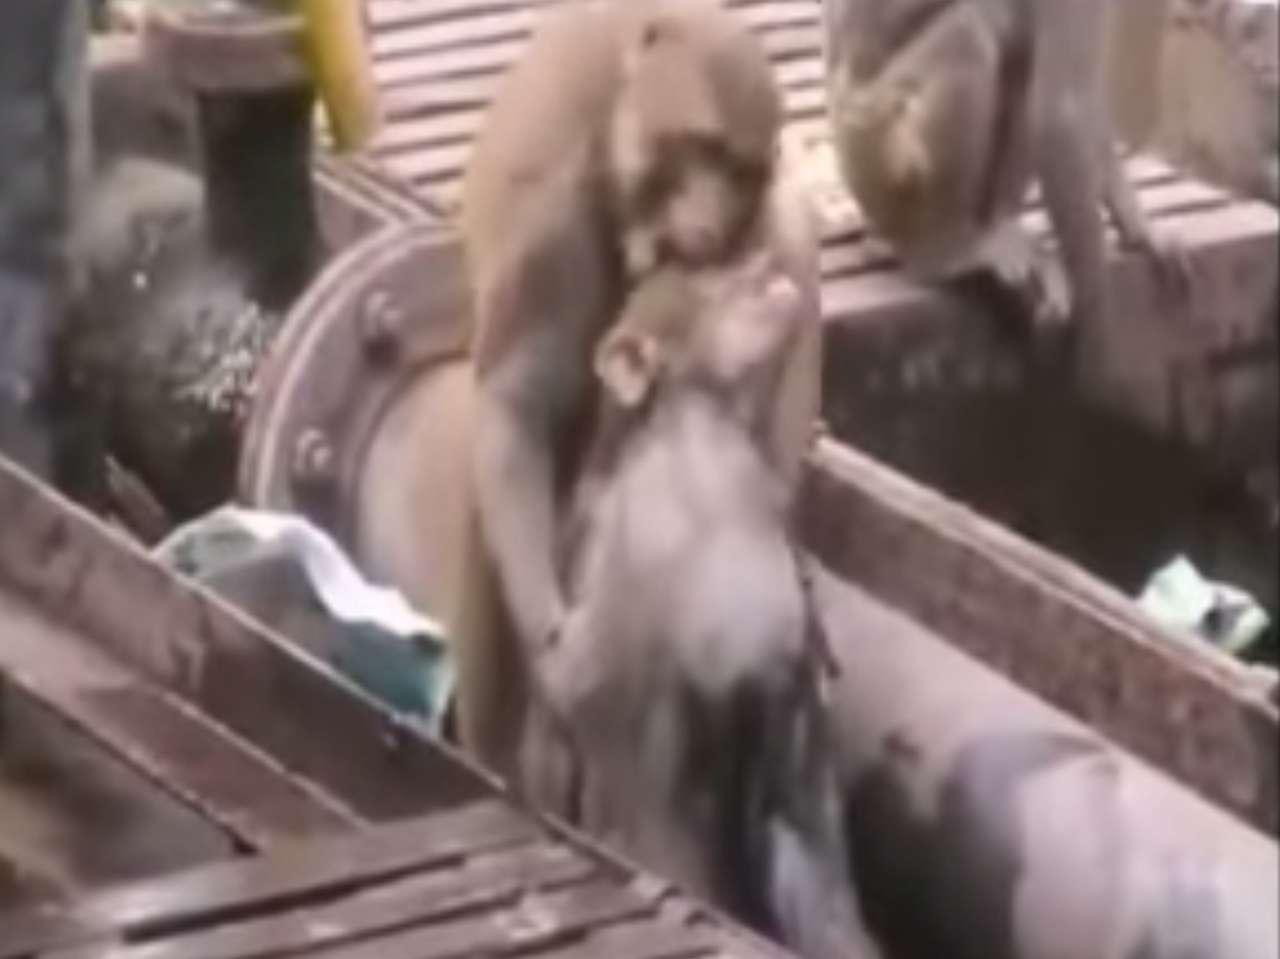 Los changos dieron una lección de compasión a los presentes. Foto: Youtube.com/ Amazing Videos